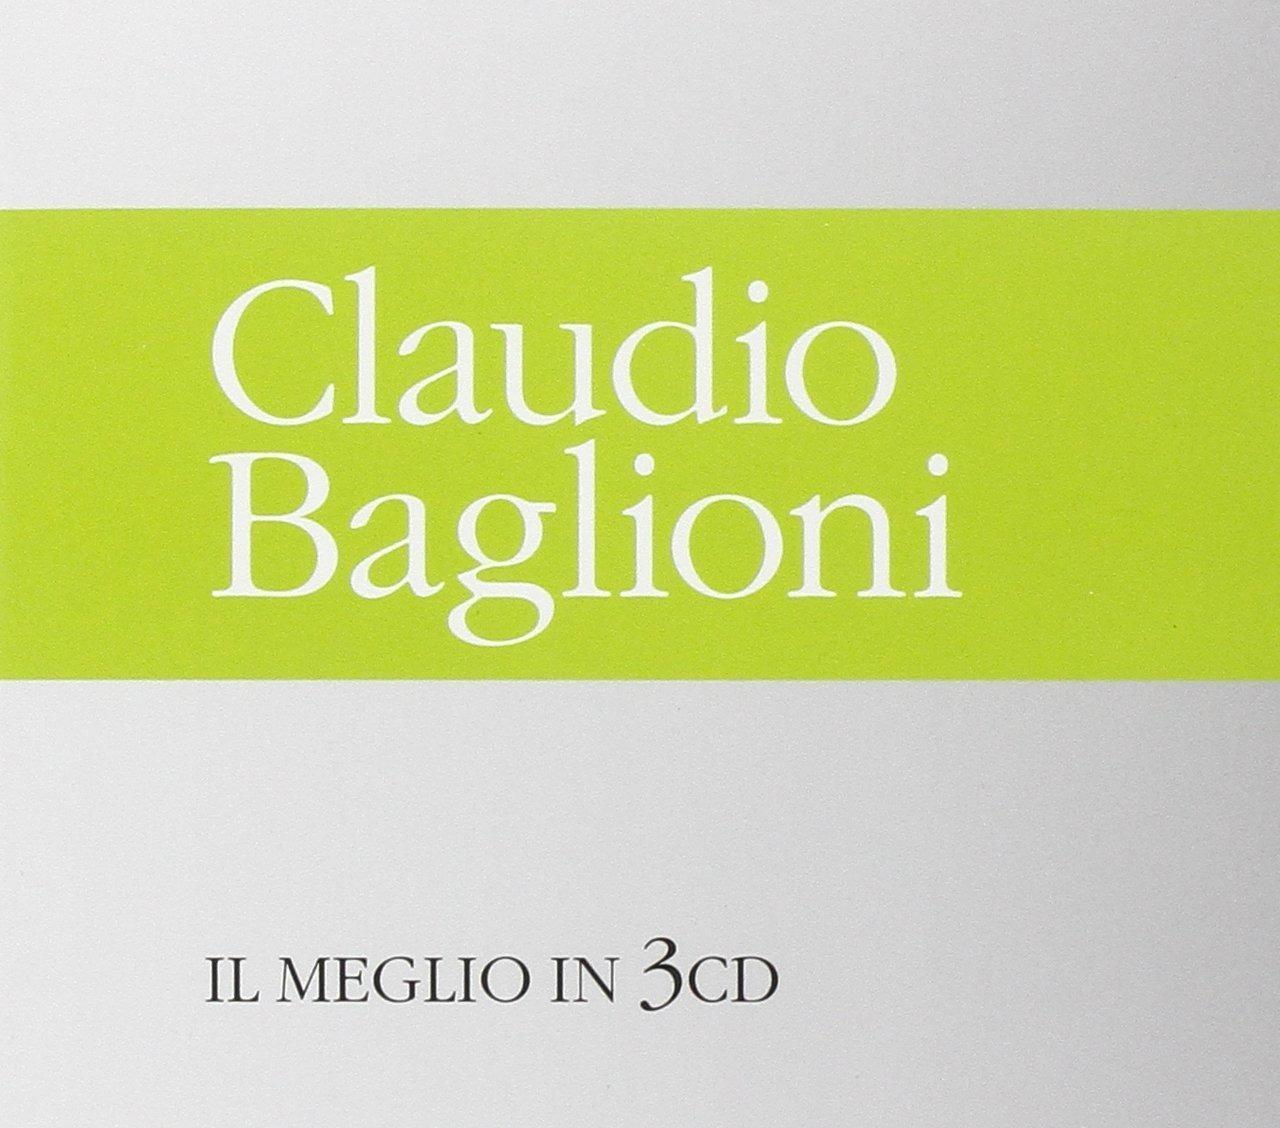 CLAUDIO BAGLIONI - IL MEGLIO IN 3CD (CD)